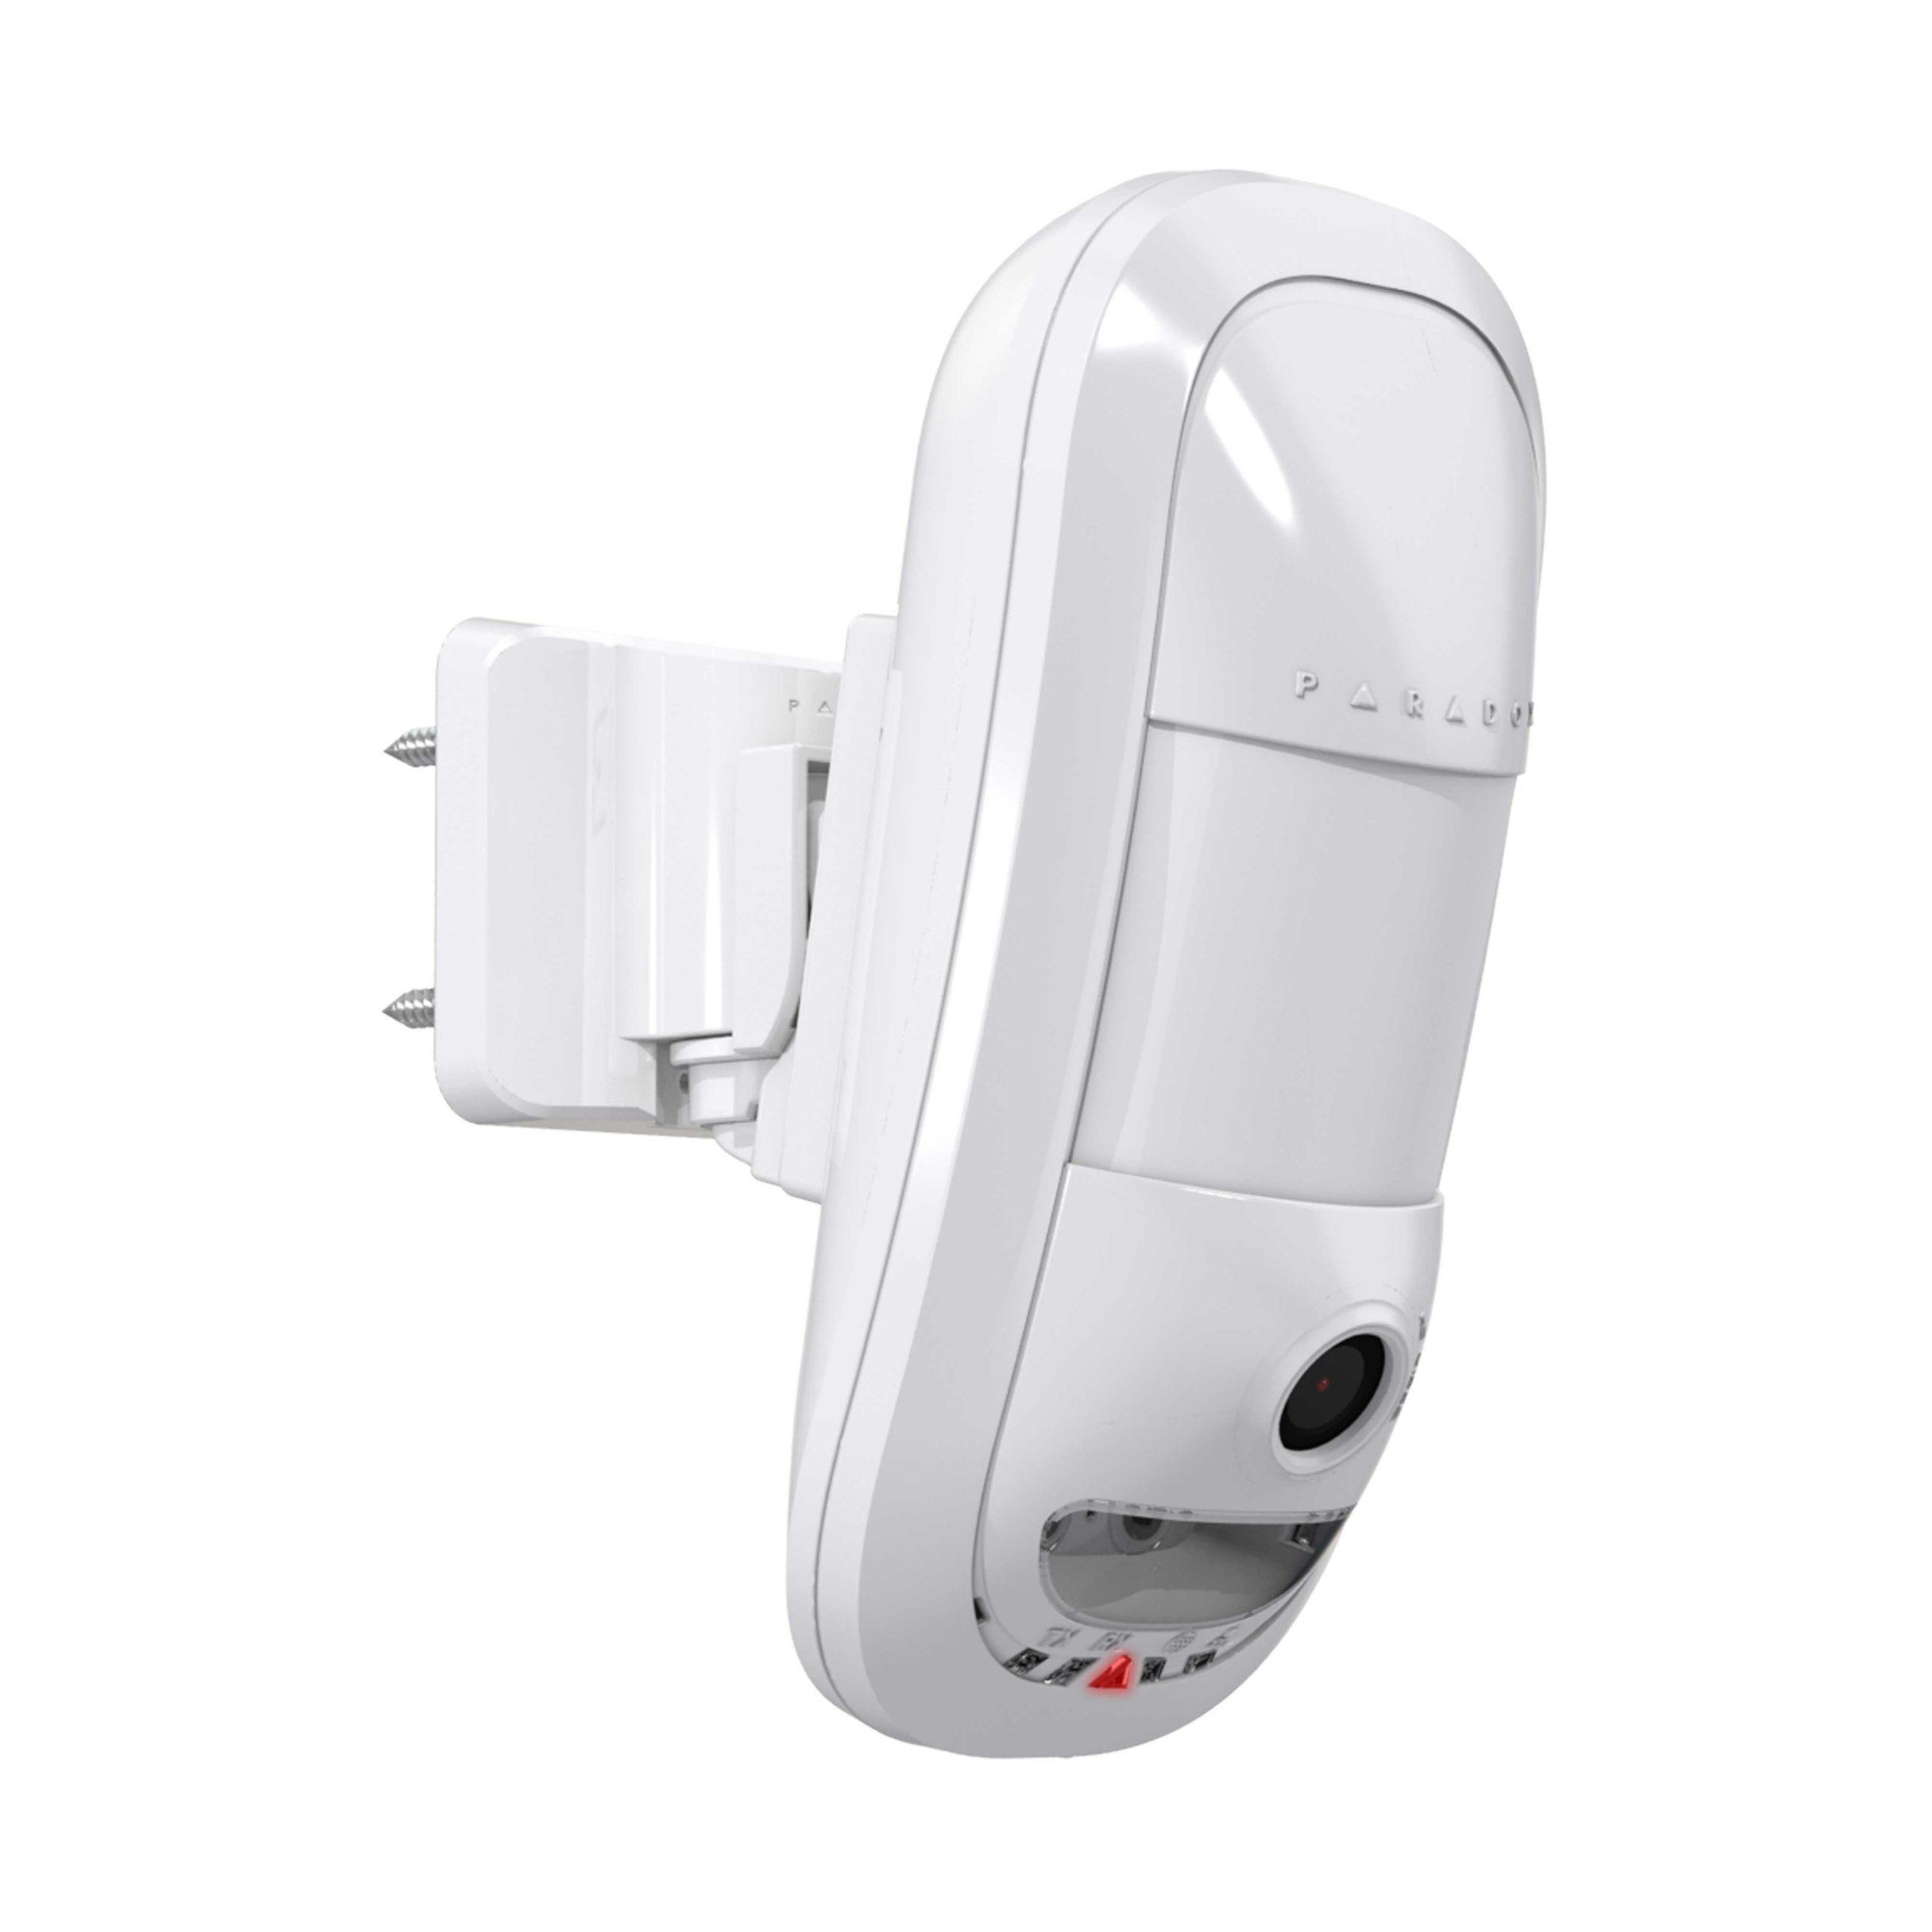 دوربین IP / آشکارساز امنیت داخلی محور رویدادHD78F پارادوکس